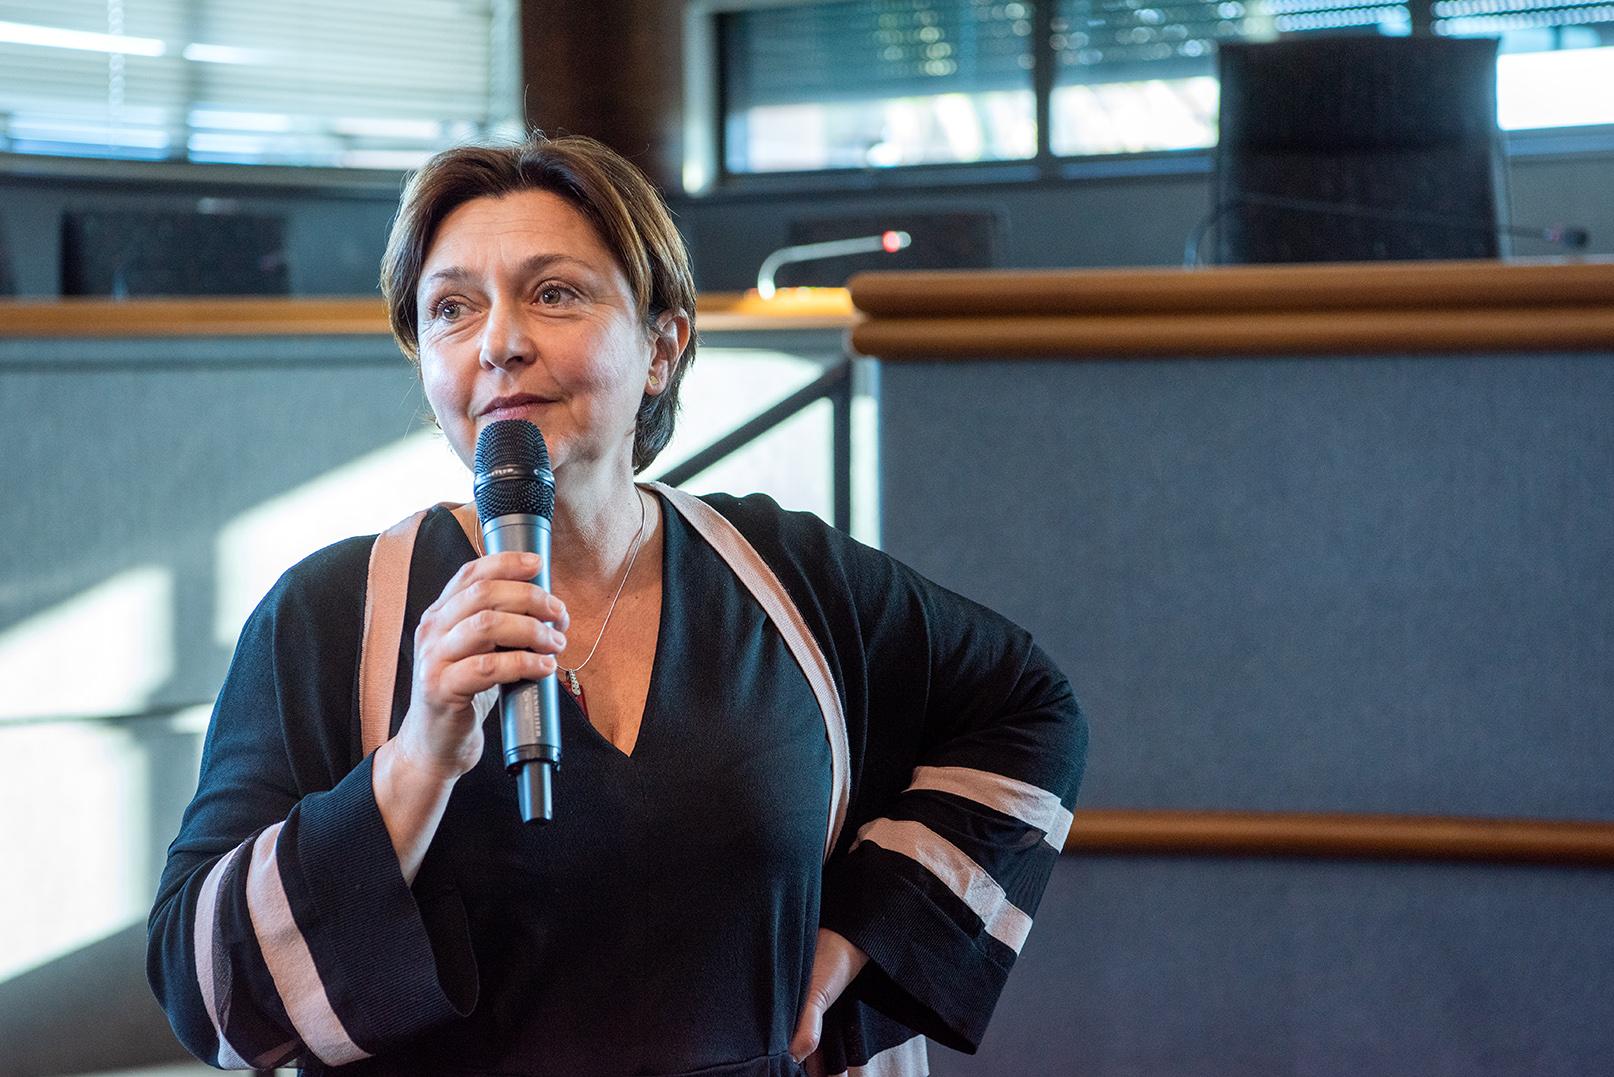 """""""La réalisation de l'EcoQuartier du Finosello relèvera du challenge"""", a déclaré la directrice générale de la société publique locale Ametarra, Sophie Boyer de la Giroday à l'occasion de la présentation de cette opération qui se veut exemplaire en termes d'aménagement durable (Photo Ville d'Ajaccio)."""